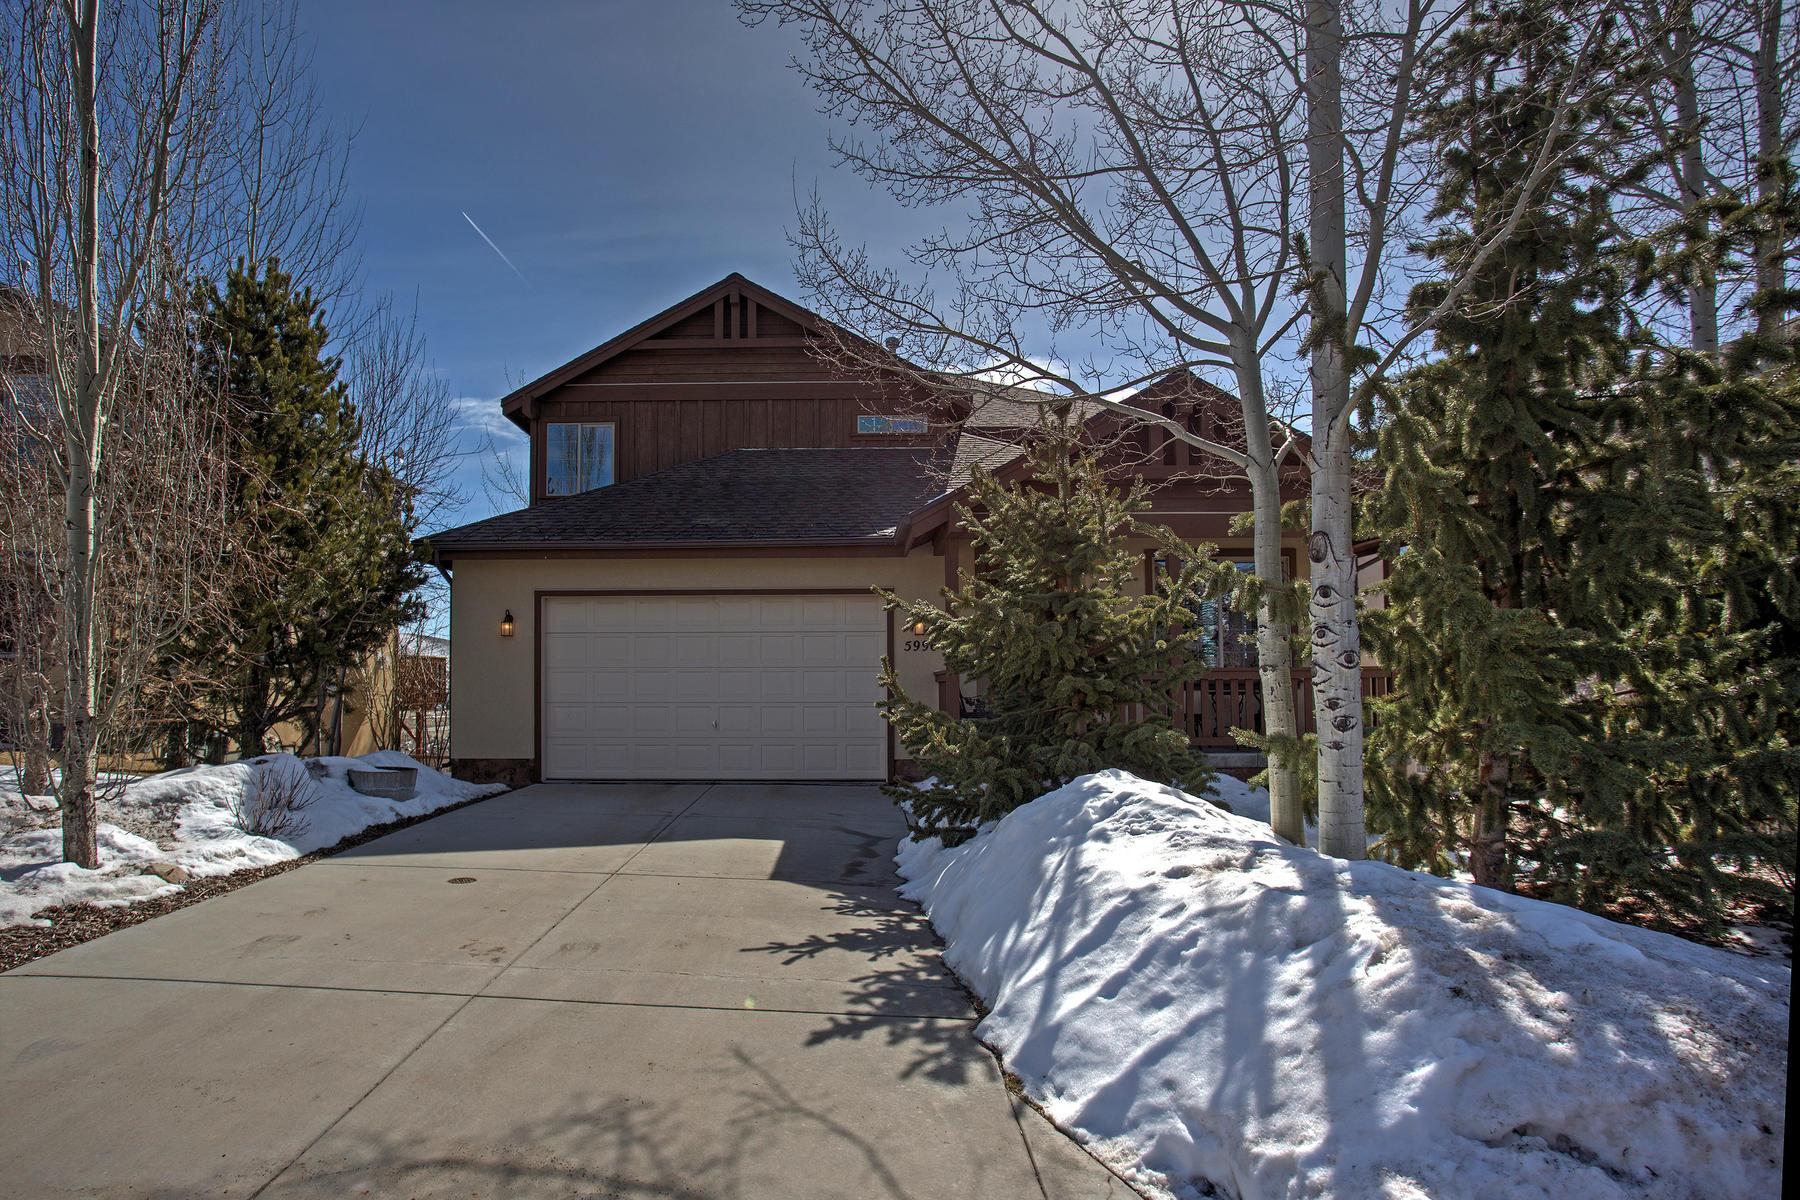 Tek Ailelik Ev için Satış at Beautifully Remodeled and Impeccably Maintained 5996 Fairview Dr Park City, Utah, 84098 Amerika Birleşik Devletleri